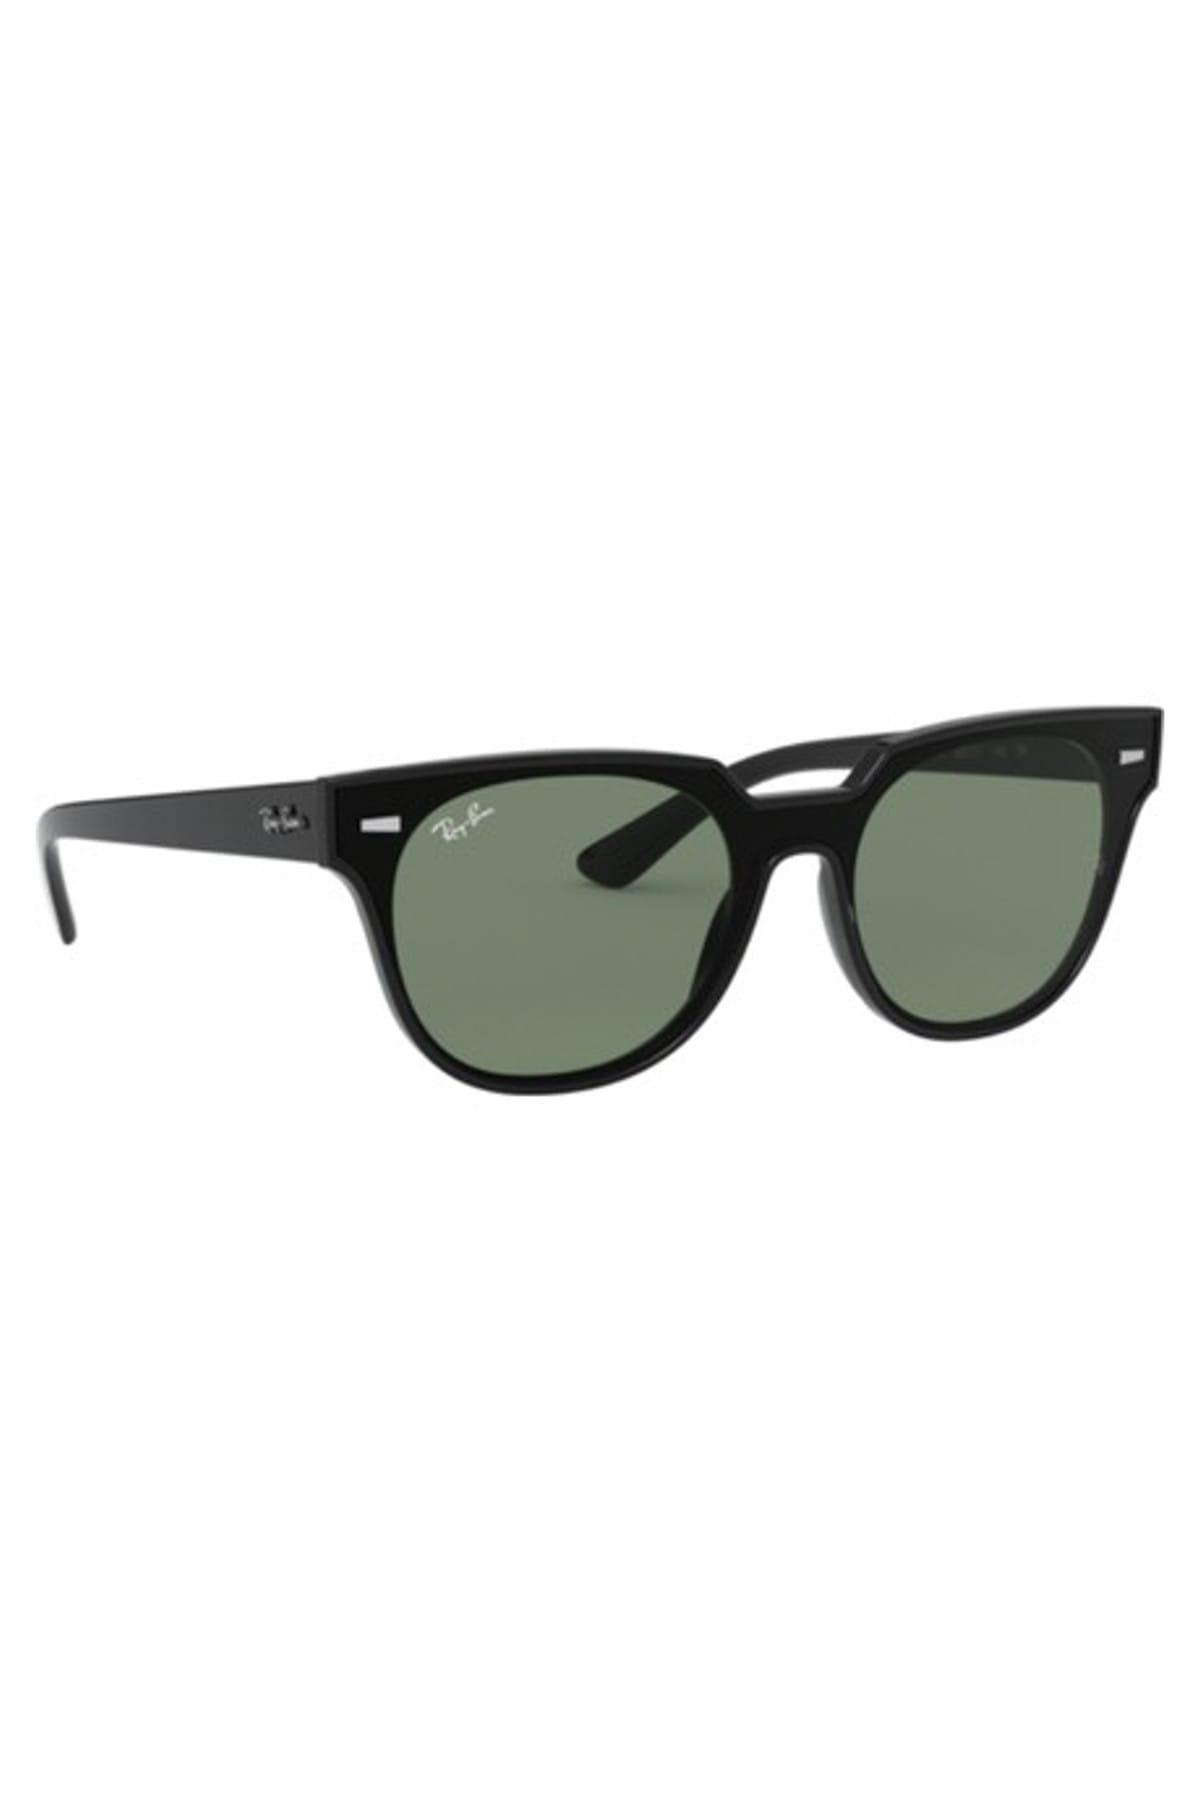 خرید غیر حضوری عینک آفتابی از ترکیه برند ری بن رنگ مشکی کد ty6487292